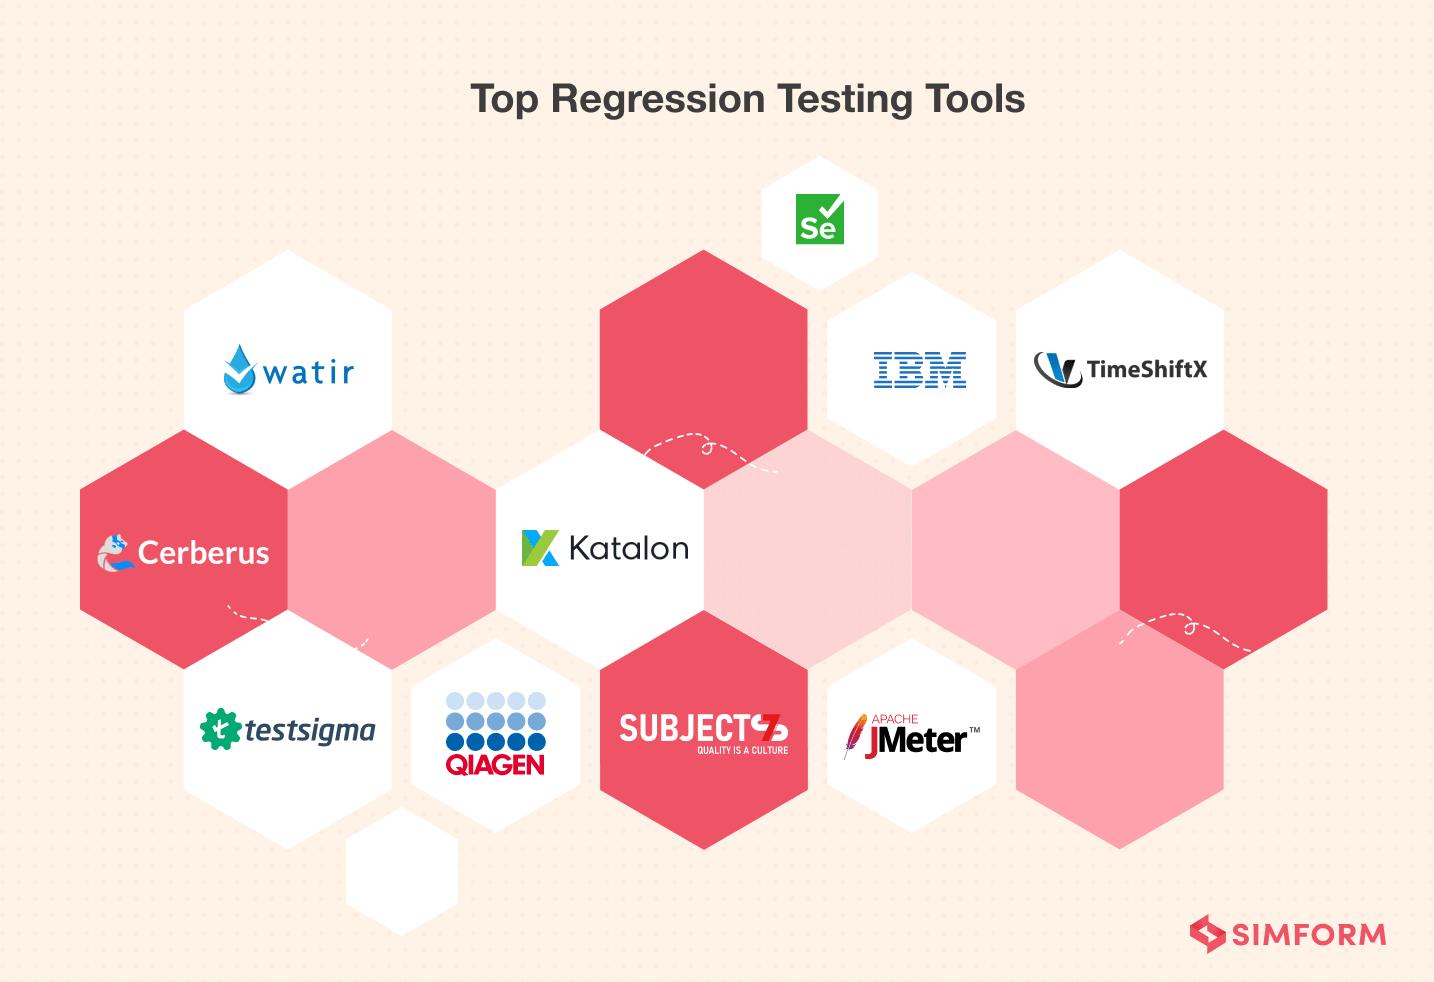 Top-Regression-Testing-Tools